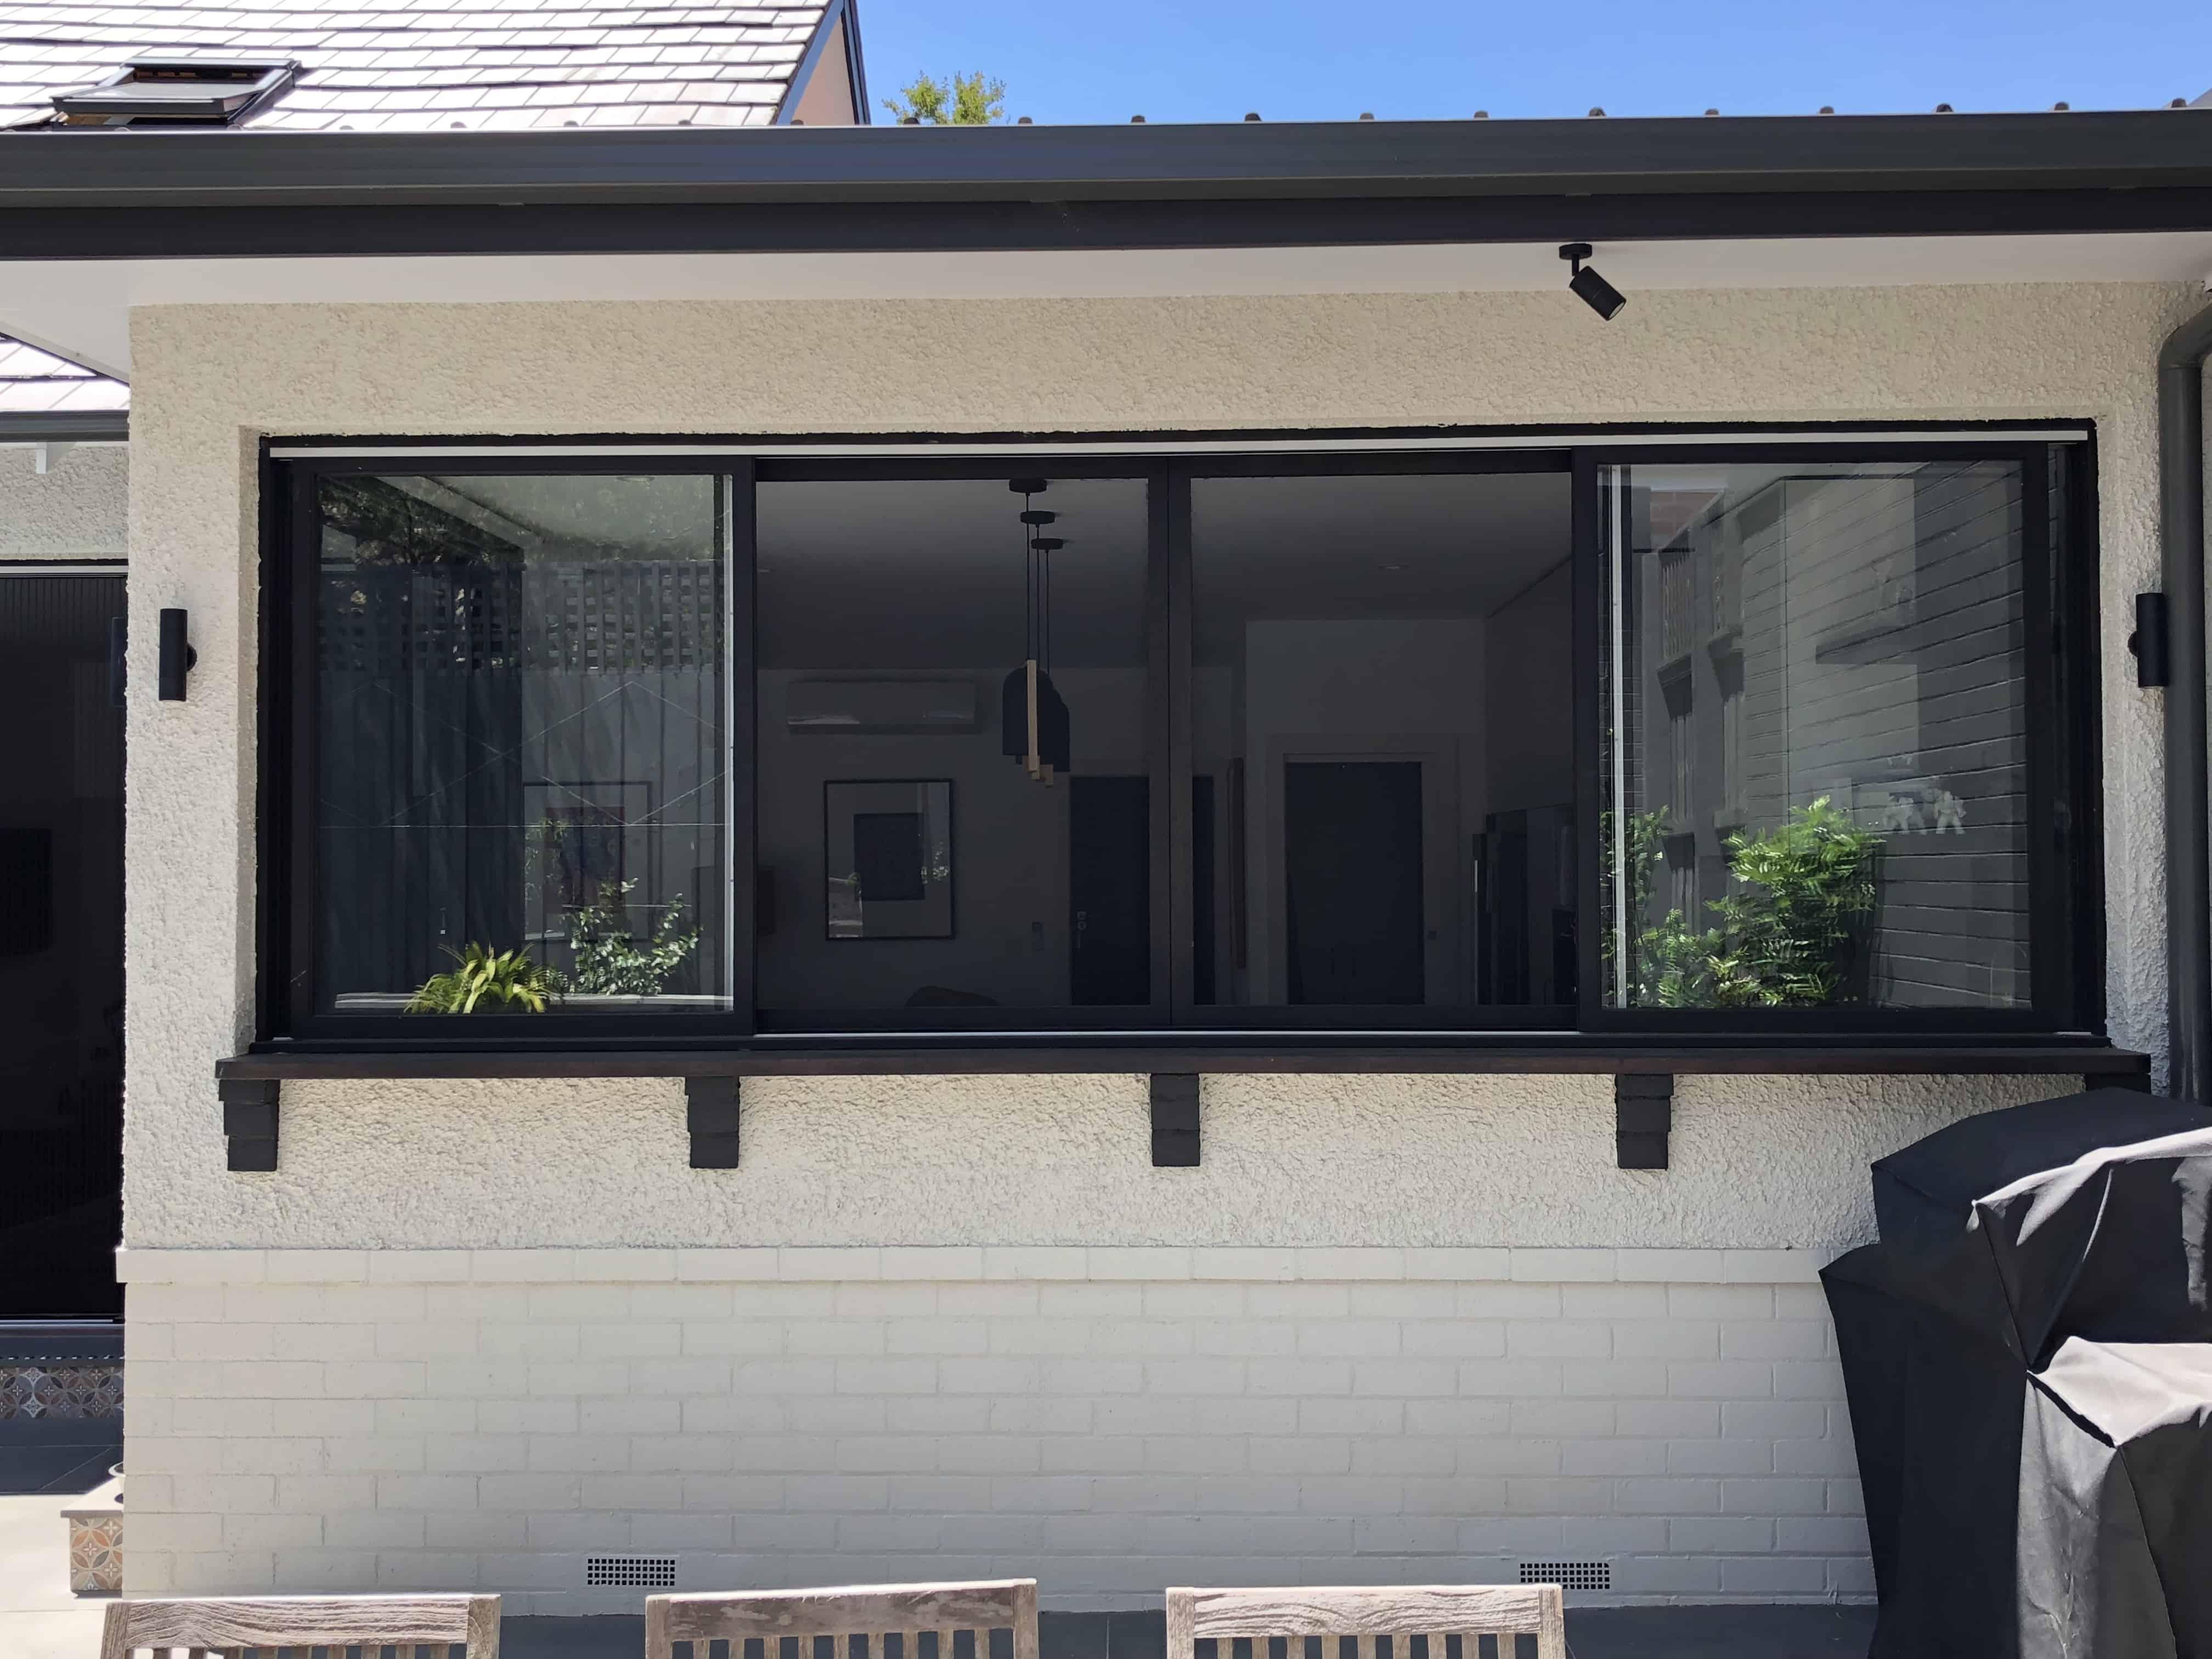 double sliding window